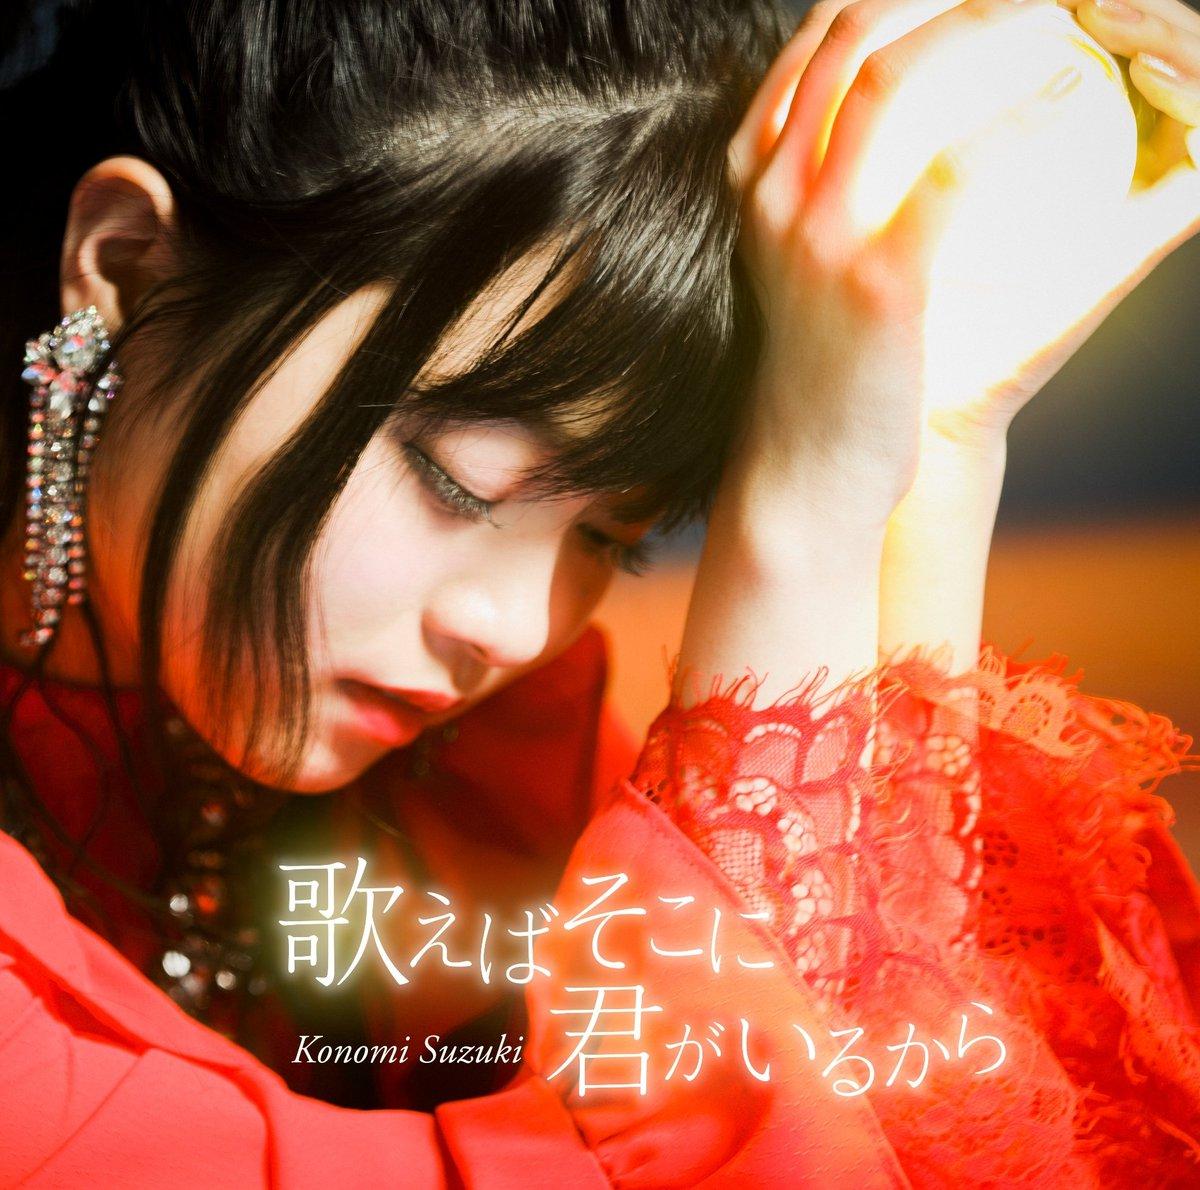 20180611.0943.05 Konomi Suzuki - Utaeba Soko ni Kimi ga Iru Kara cover 1.jpg